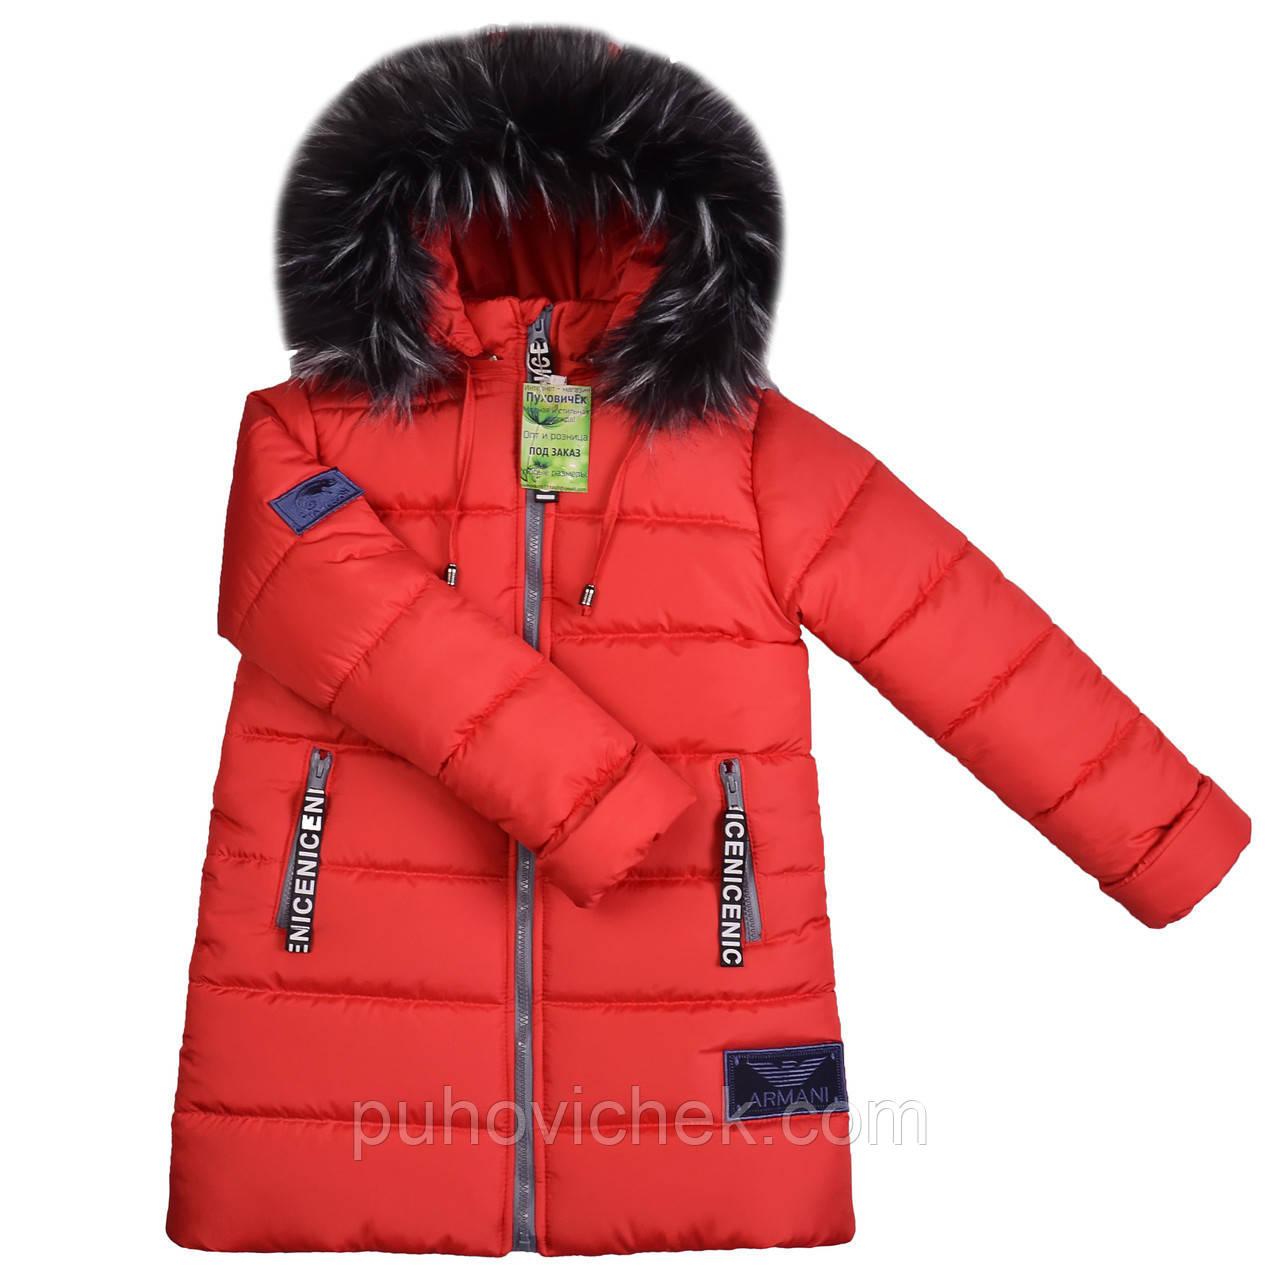 23f9099a30d Детская зимняя куртка пуховик для девочки - Интернет магазин Линия одежды в  Харькове